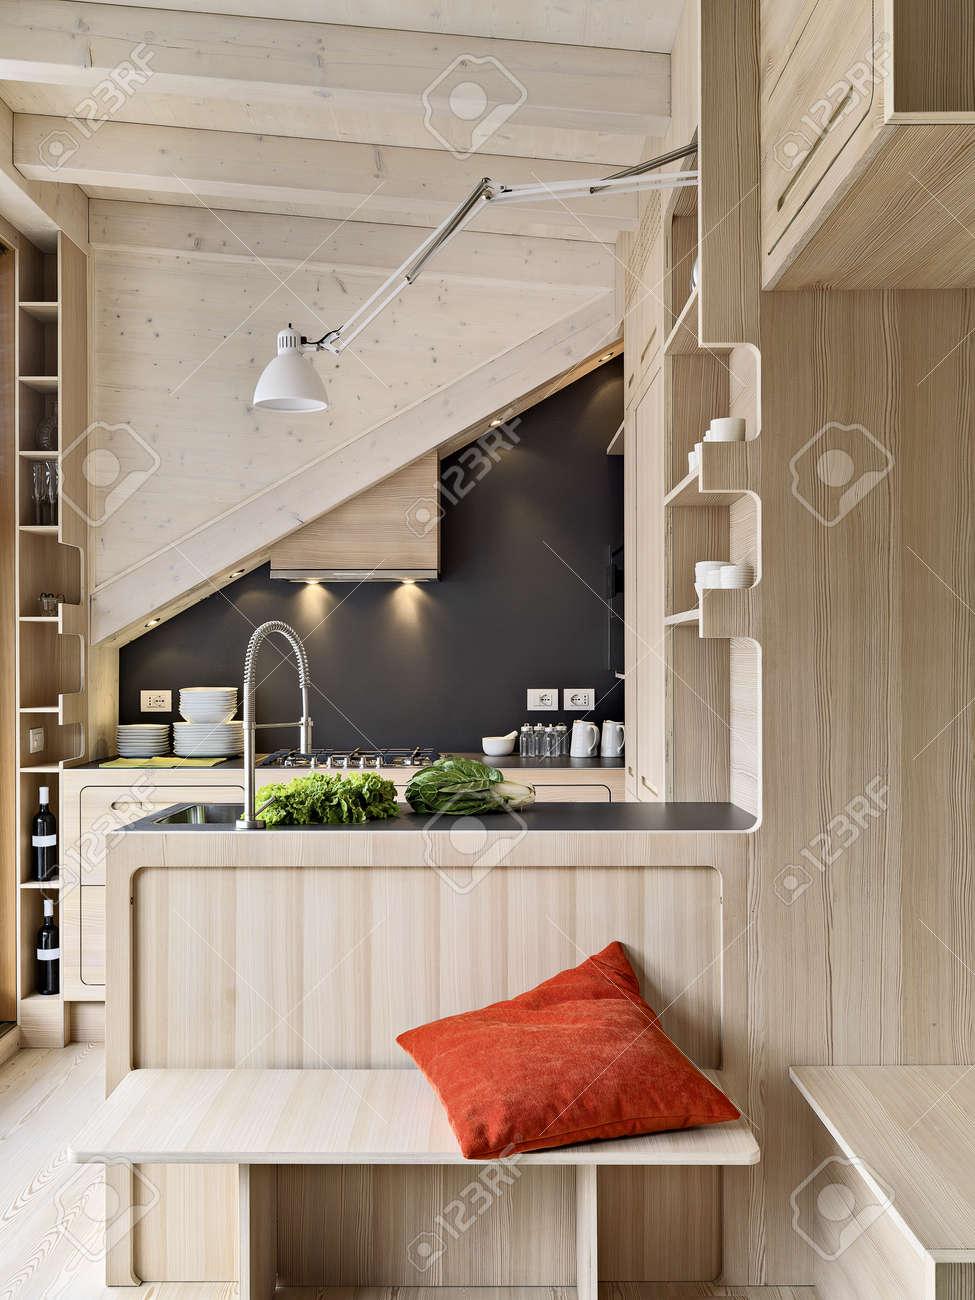 Auf Holz Moderne Küche Insel In Der Dachkammer Vordergrund ...